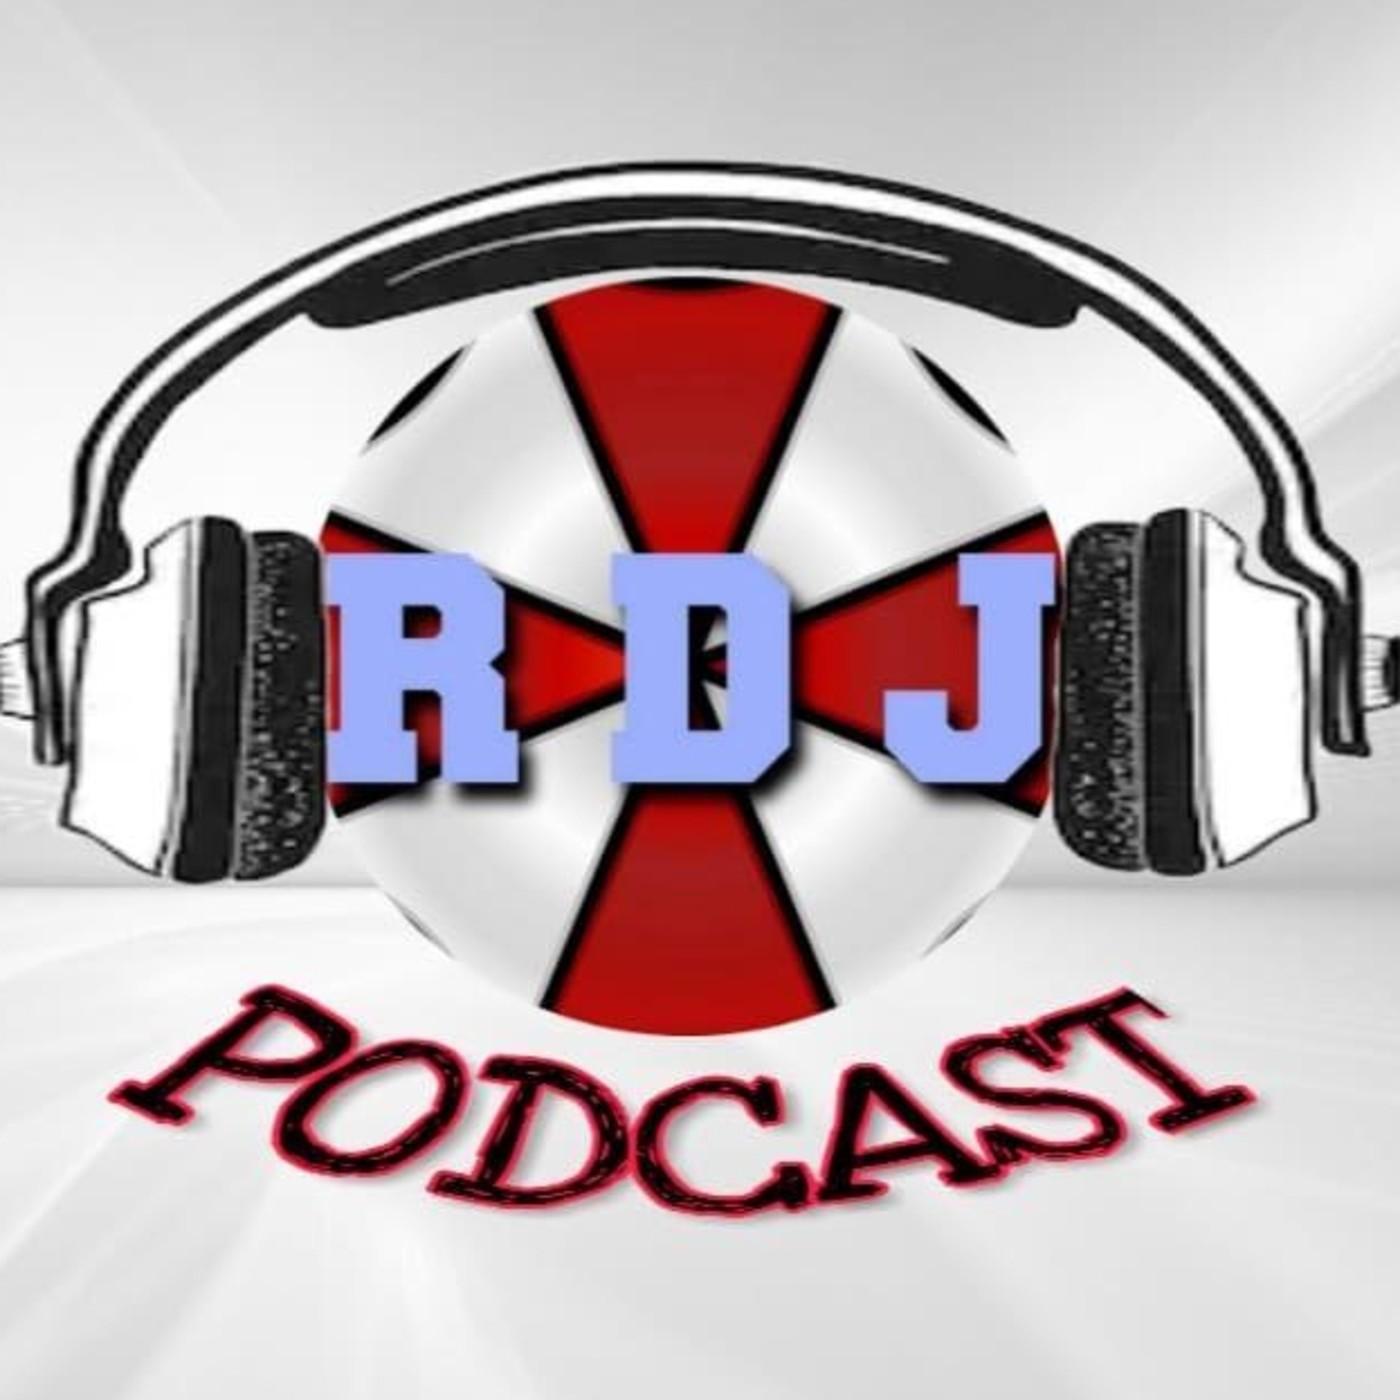 El Podcast de Raccoon